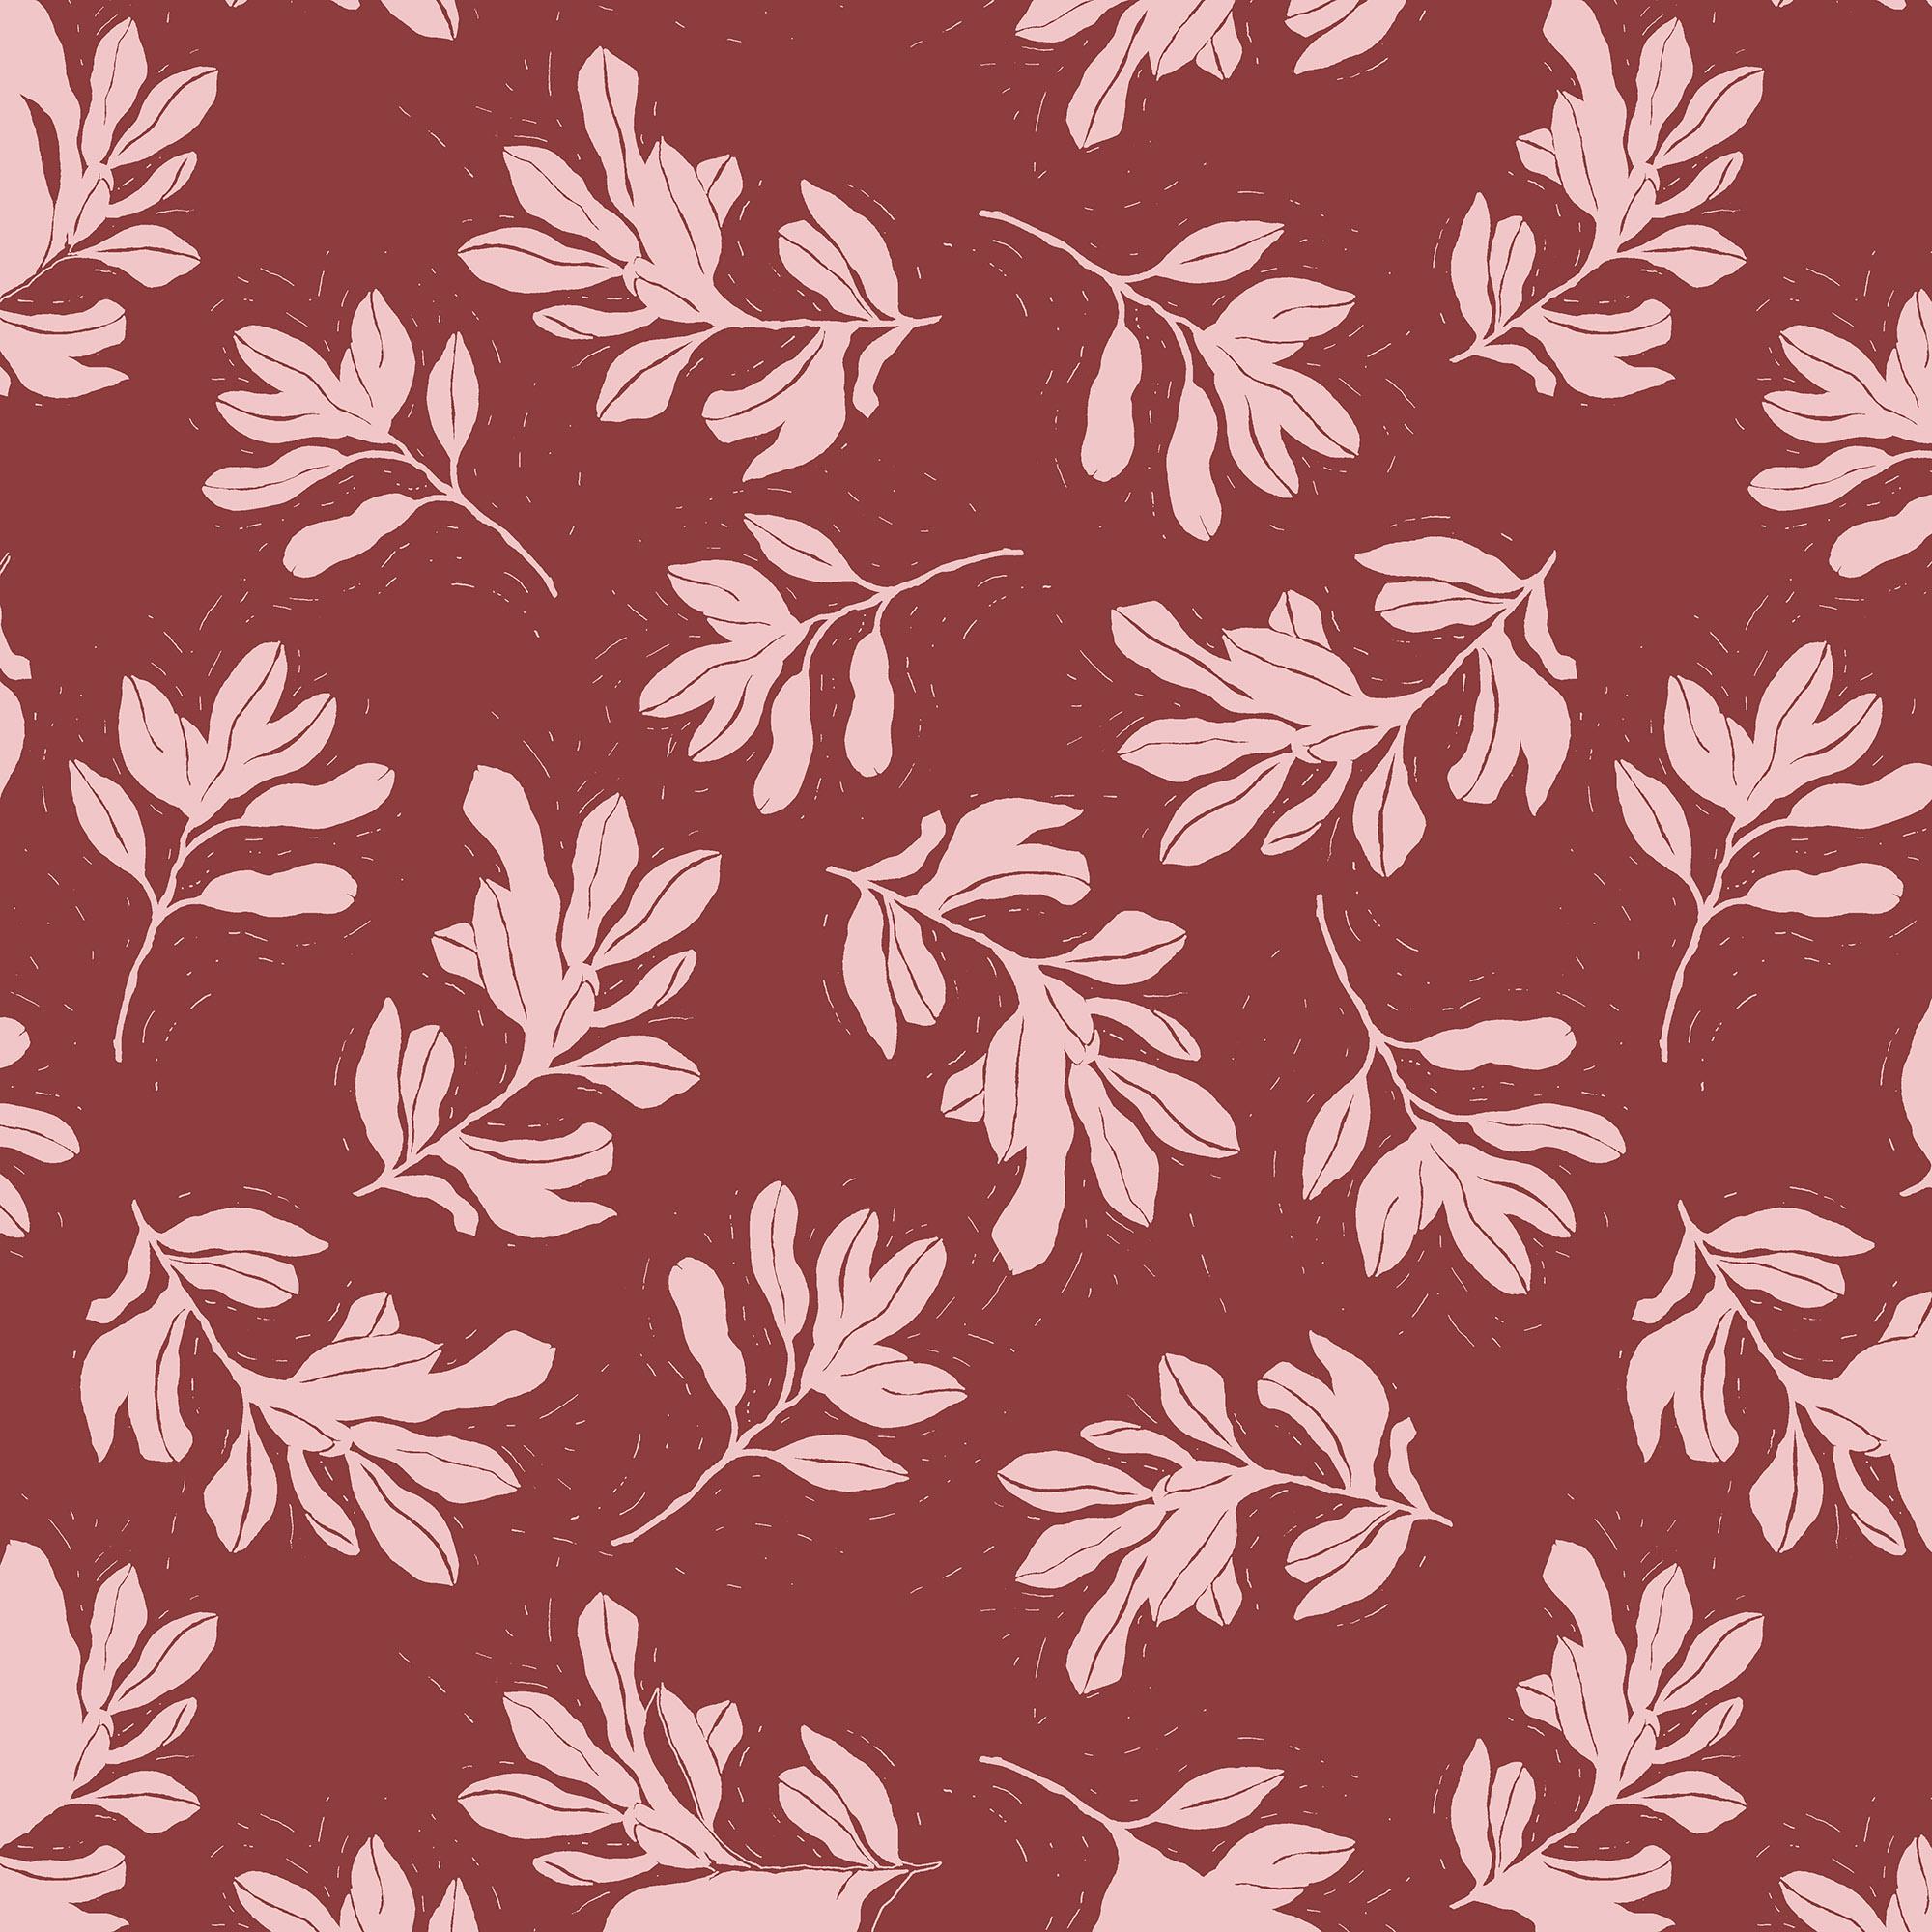 leaves 32x32cm1.jpg